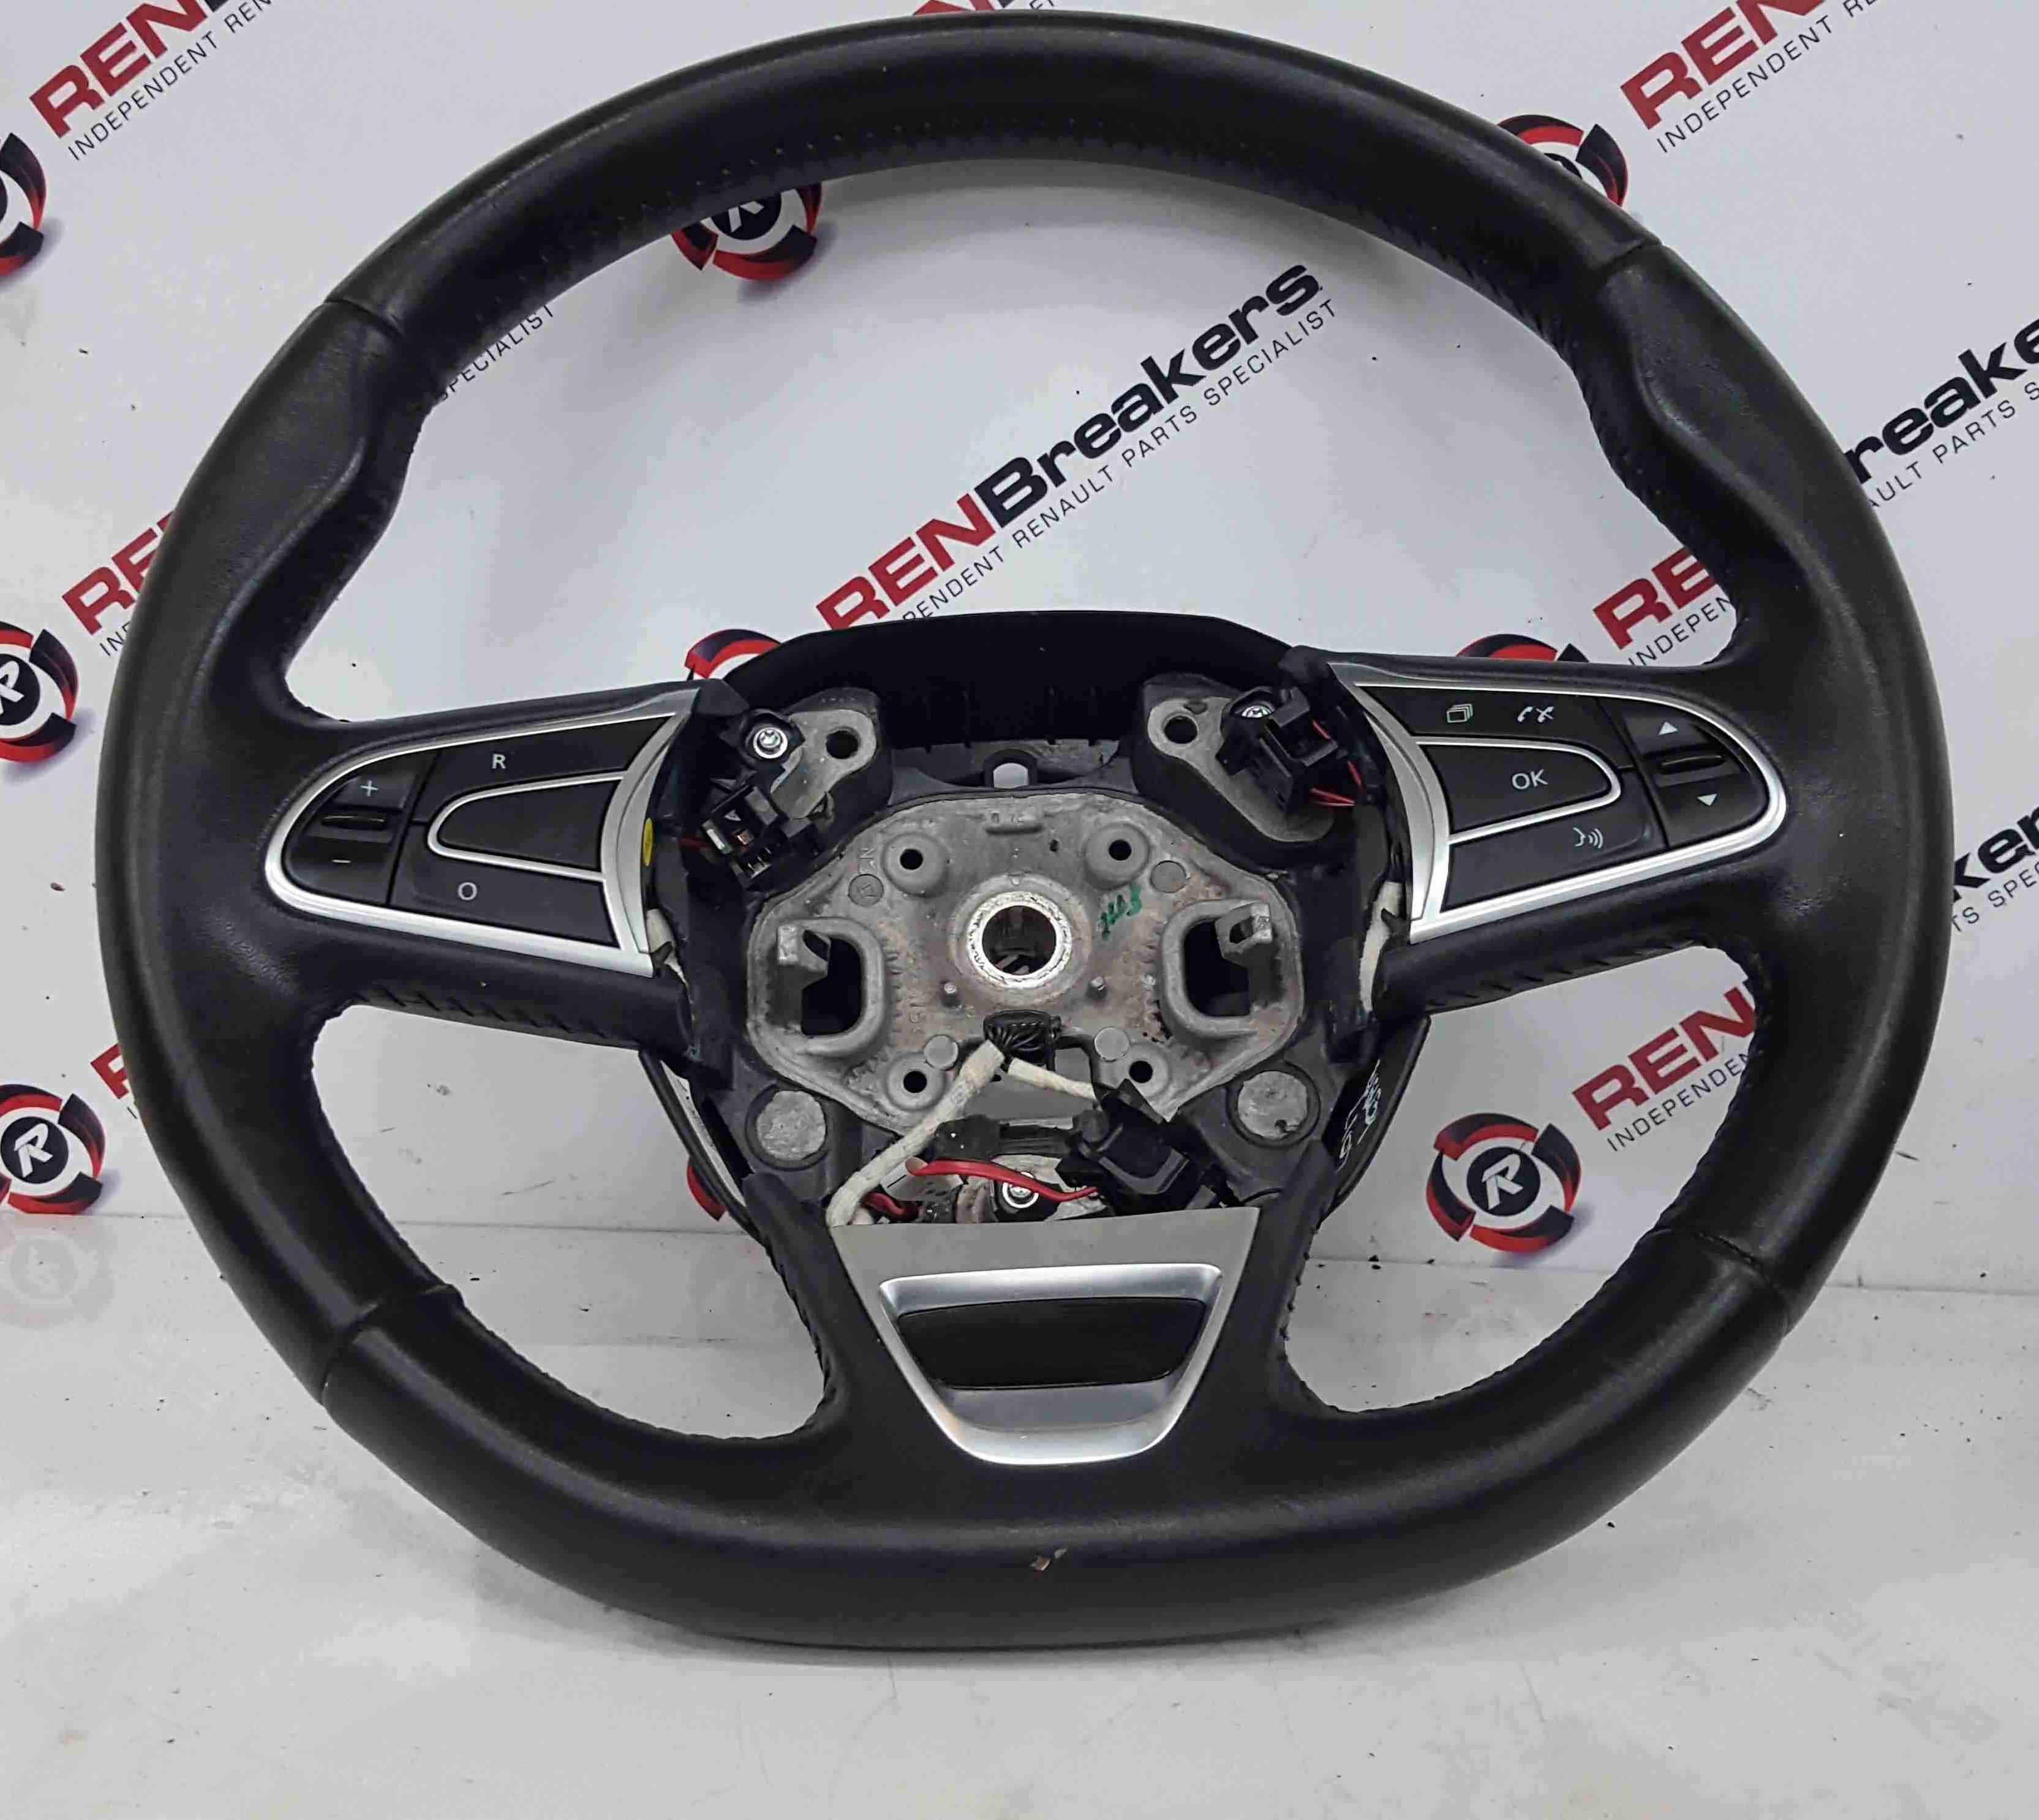 Renault Kadjar 2015-2021 Multi Functional Leather Steering Wheel 484005825R